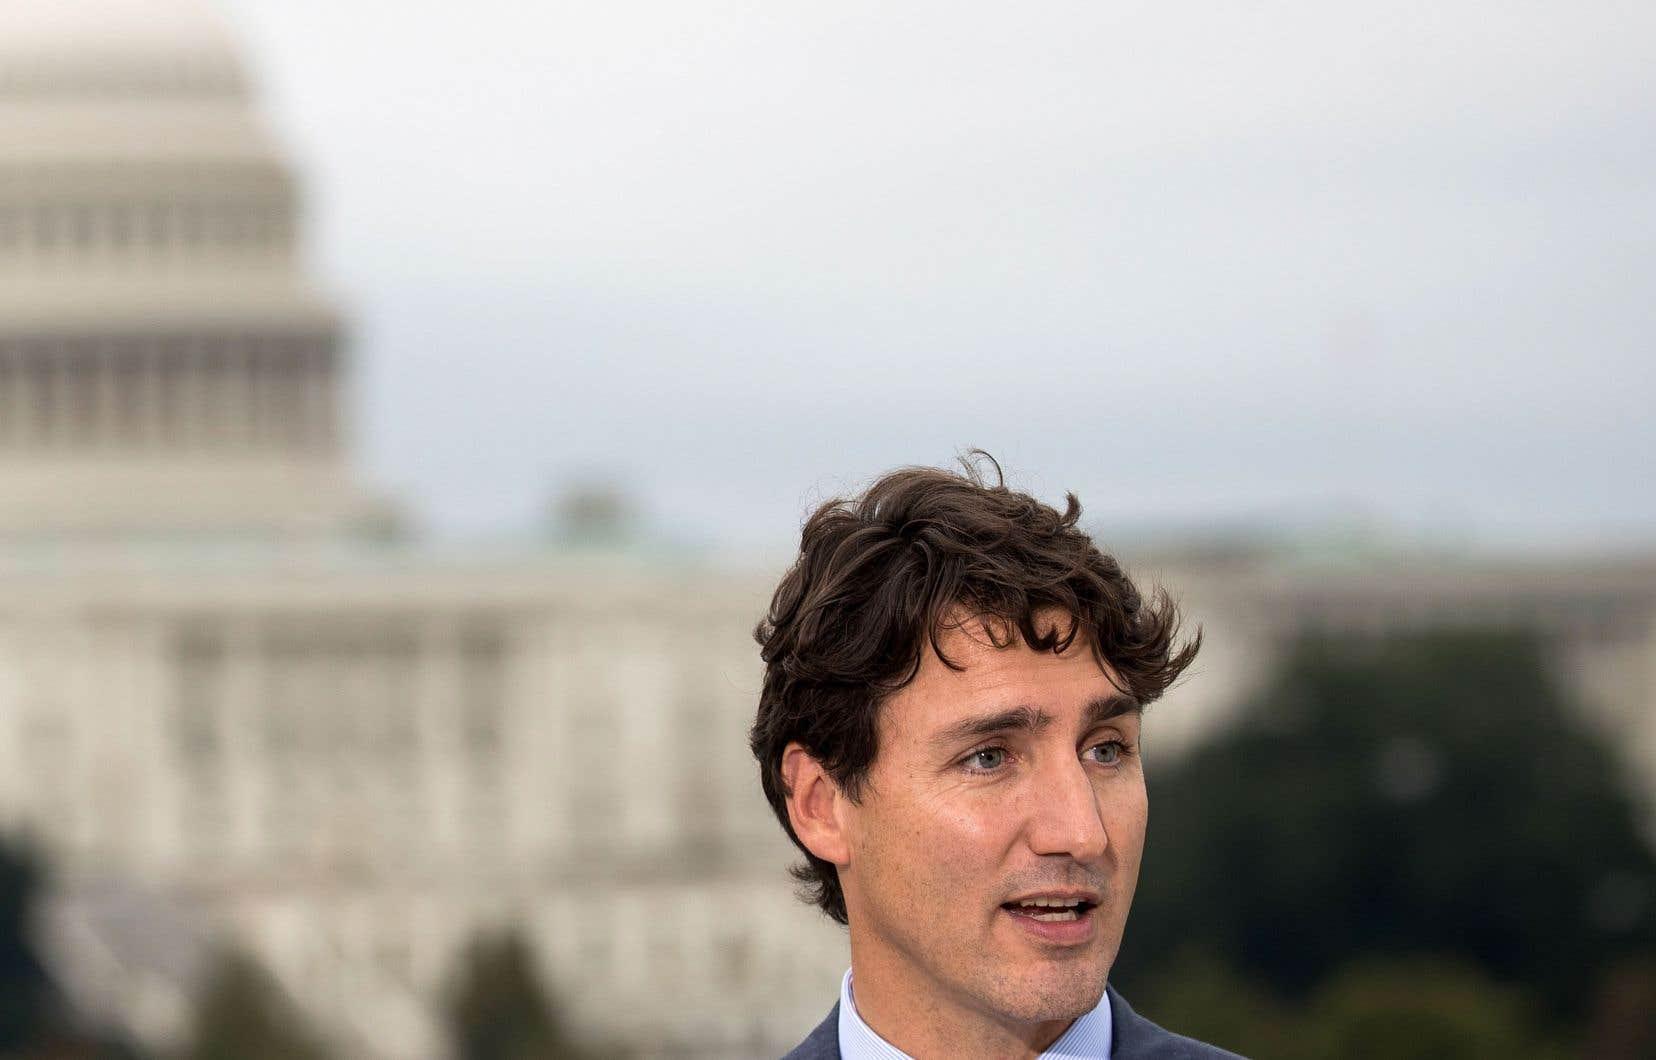 Le premier ministre Justin Trudeau était de passage à Washington, en octobre. Seul, le Canada n'a pas les moyens de jouer les gros bras face à la superpuissance américaine.